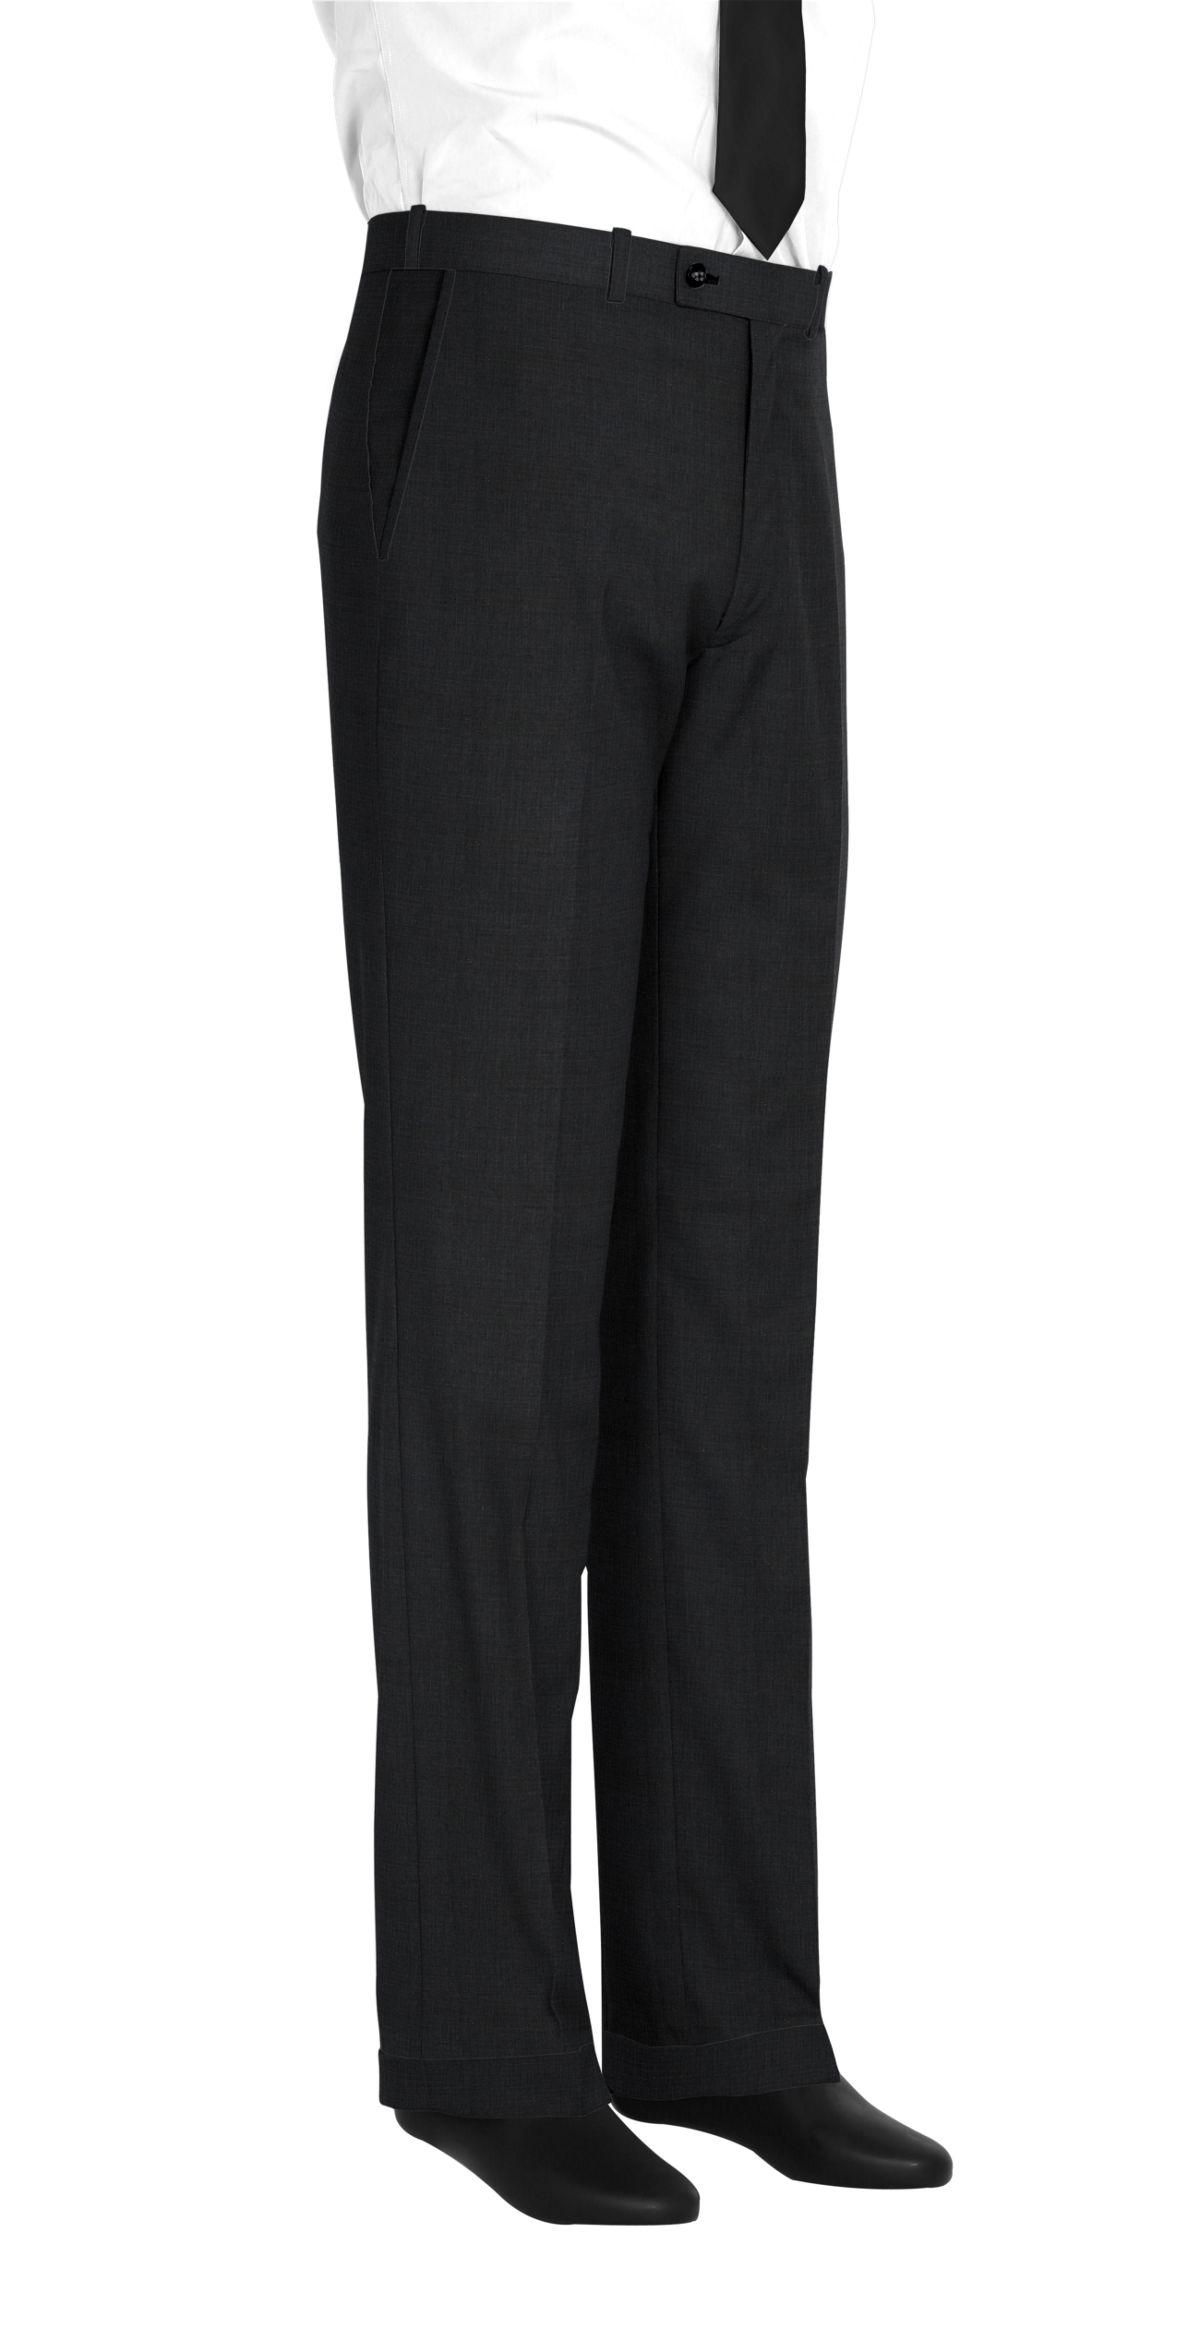 Pantalon homme sur mesure et personnalisé noir uni  bas avec revers